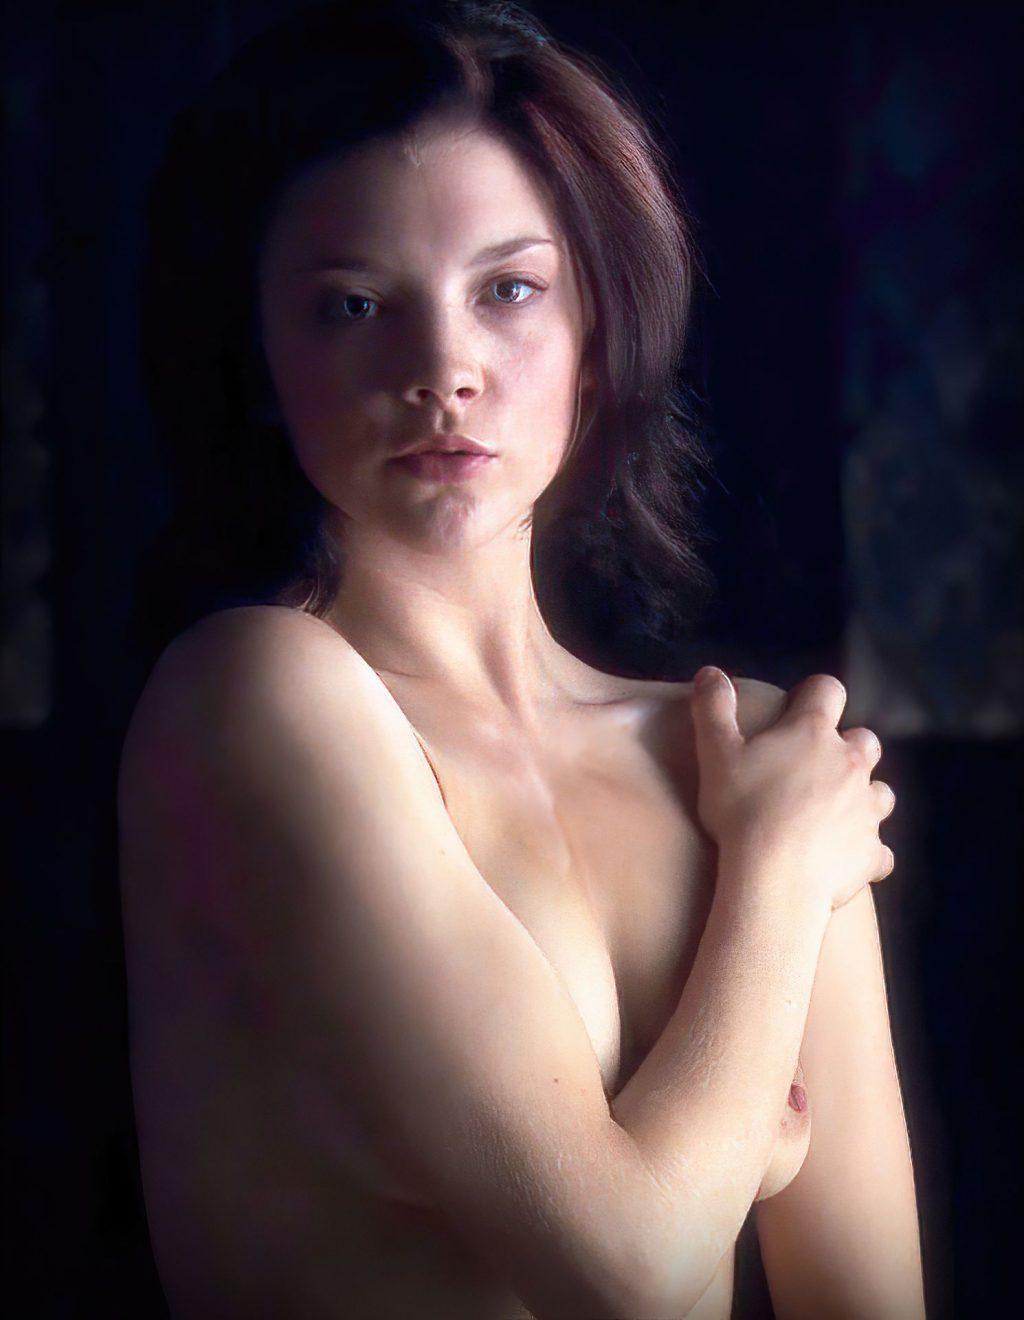 A.I. Enhanced Celebrity Nudes – Part 5 (7 Photos)